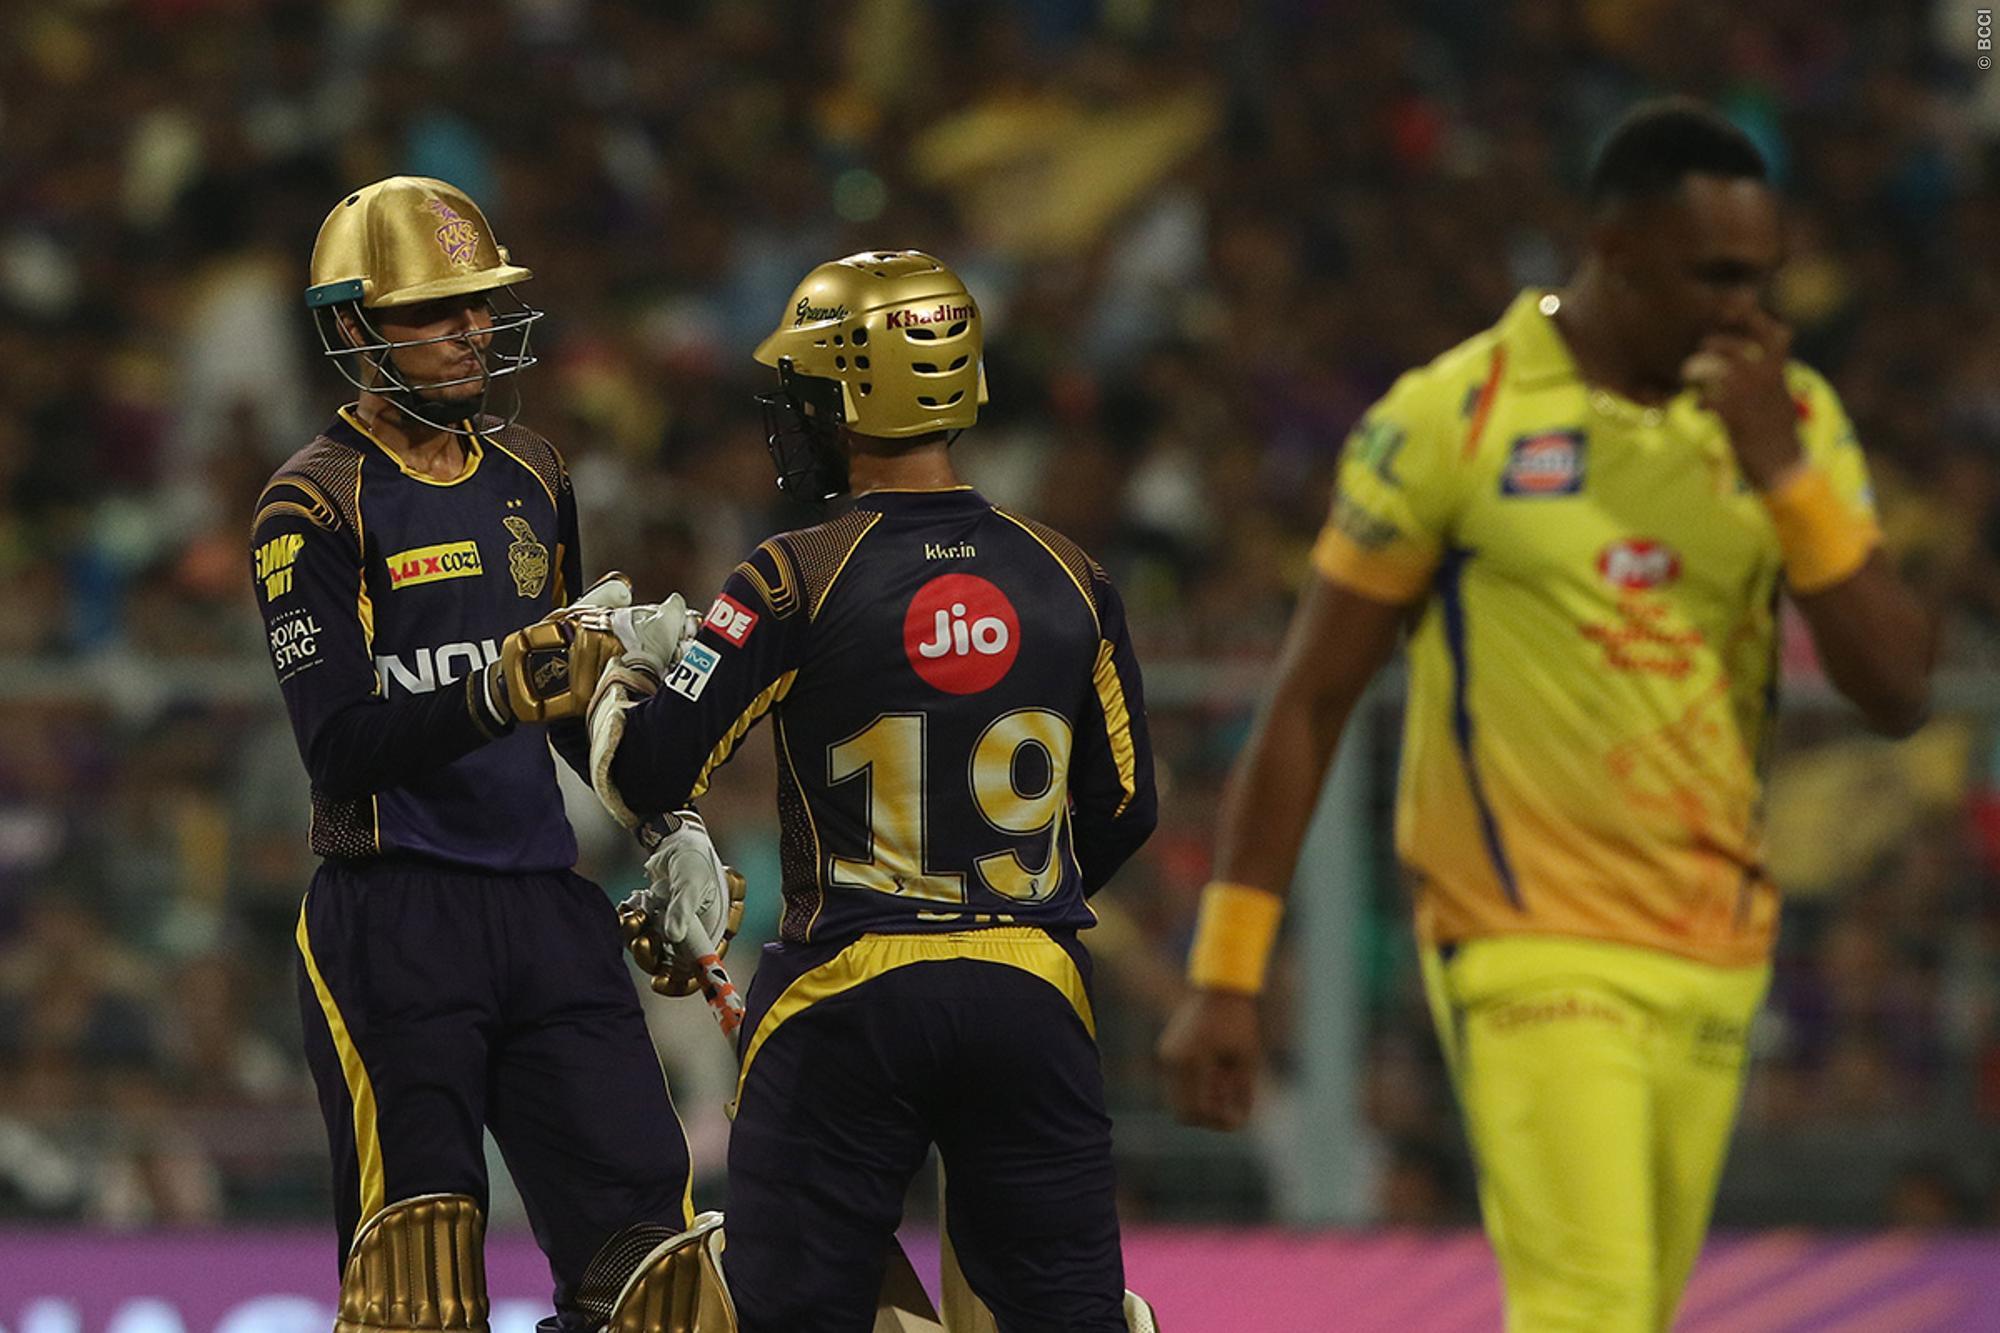 चेन्नई की हार के बाद लोगों ने धोनी से लगाई इस खिलाड़ी को बाहर करने की गुहार, तो गिल की बल्लेबाजी के दीवाने हुए दिग्गज क्रिकेटर 23